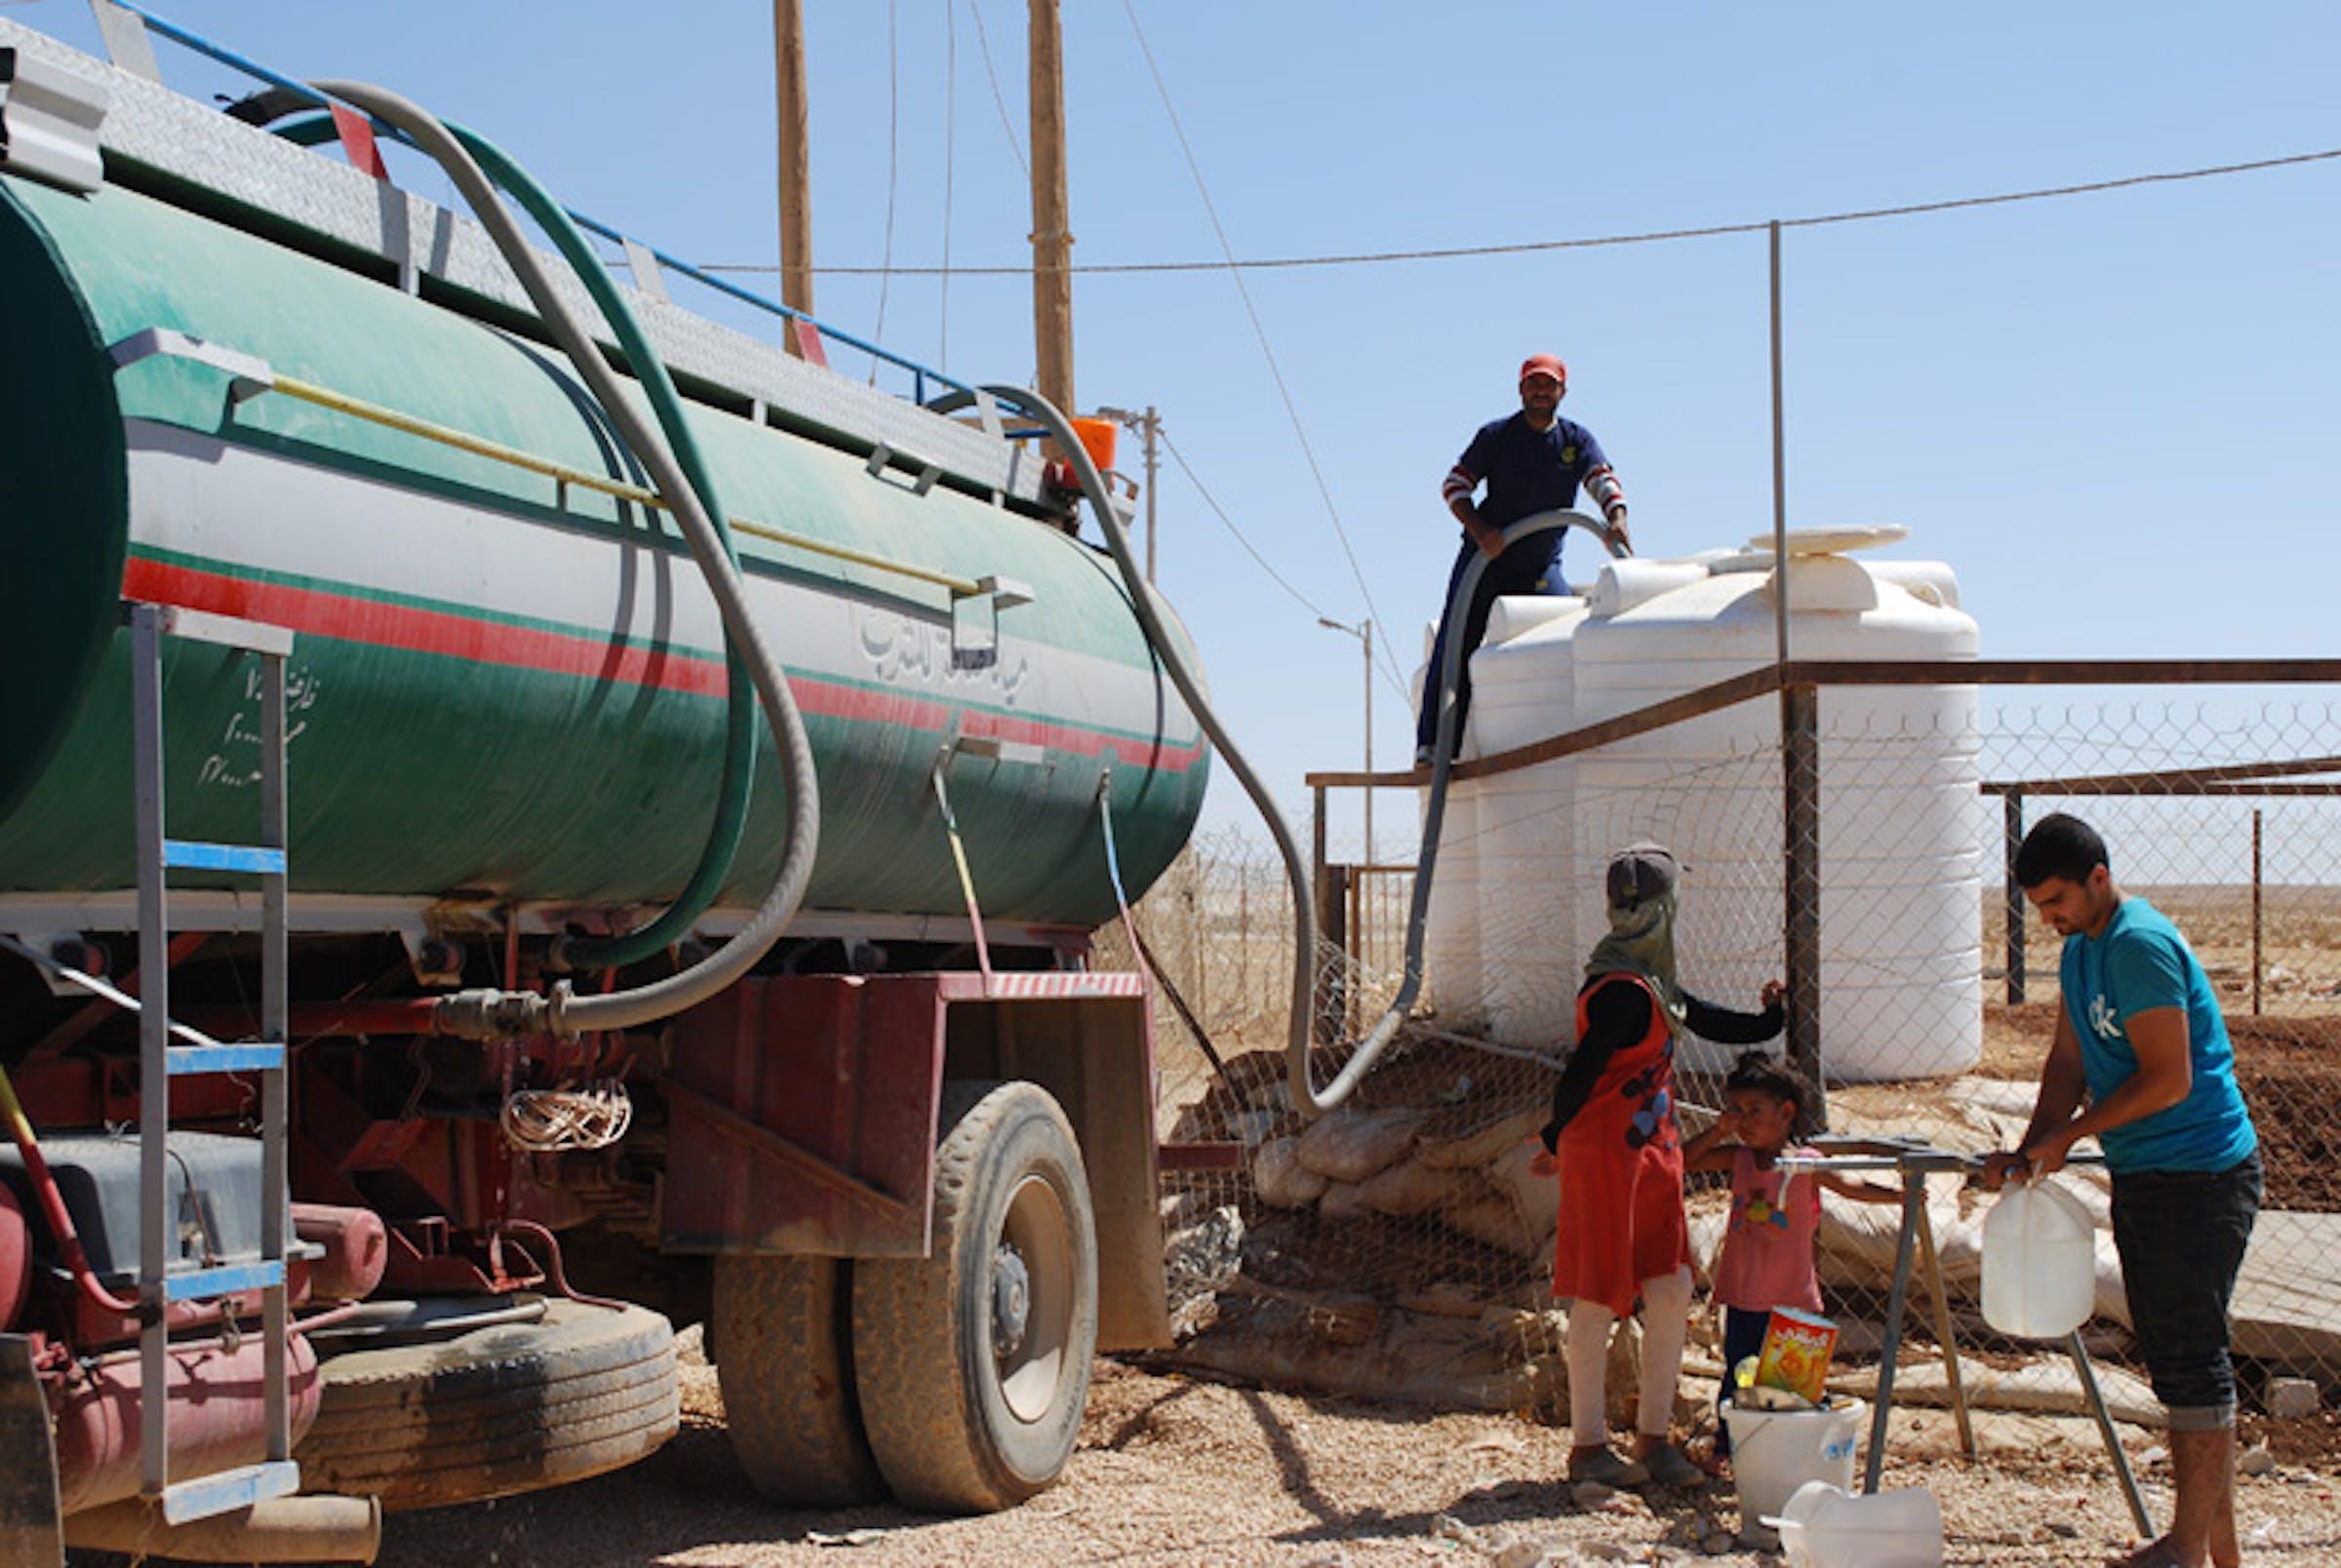 Un'autocisterna rifornisce di acqua potabile alcuni serbatoi del campo profughi di Za'atari, nel deserto della Giordania, che ospita decine di migliaia di siriani - ©UNICEF Giordania/2012/Al Masri